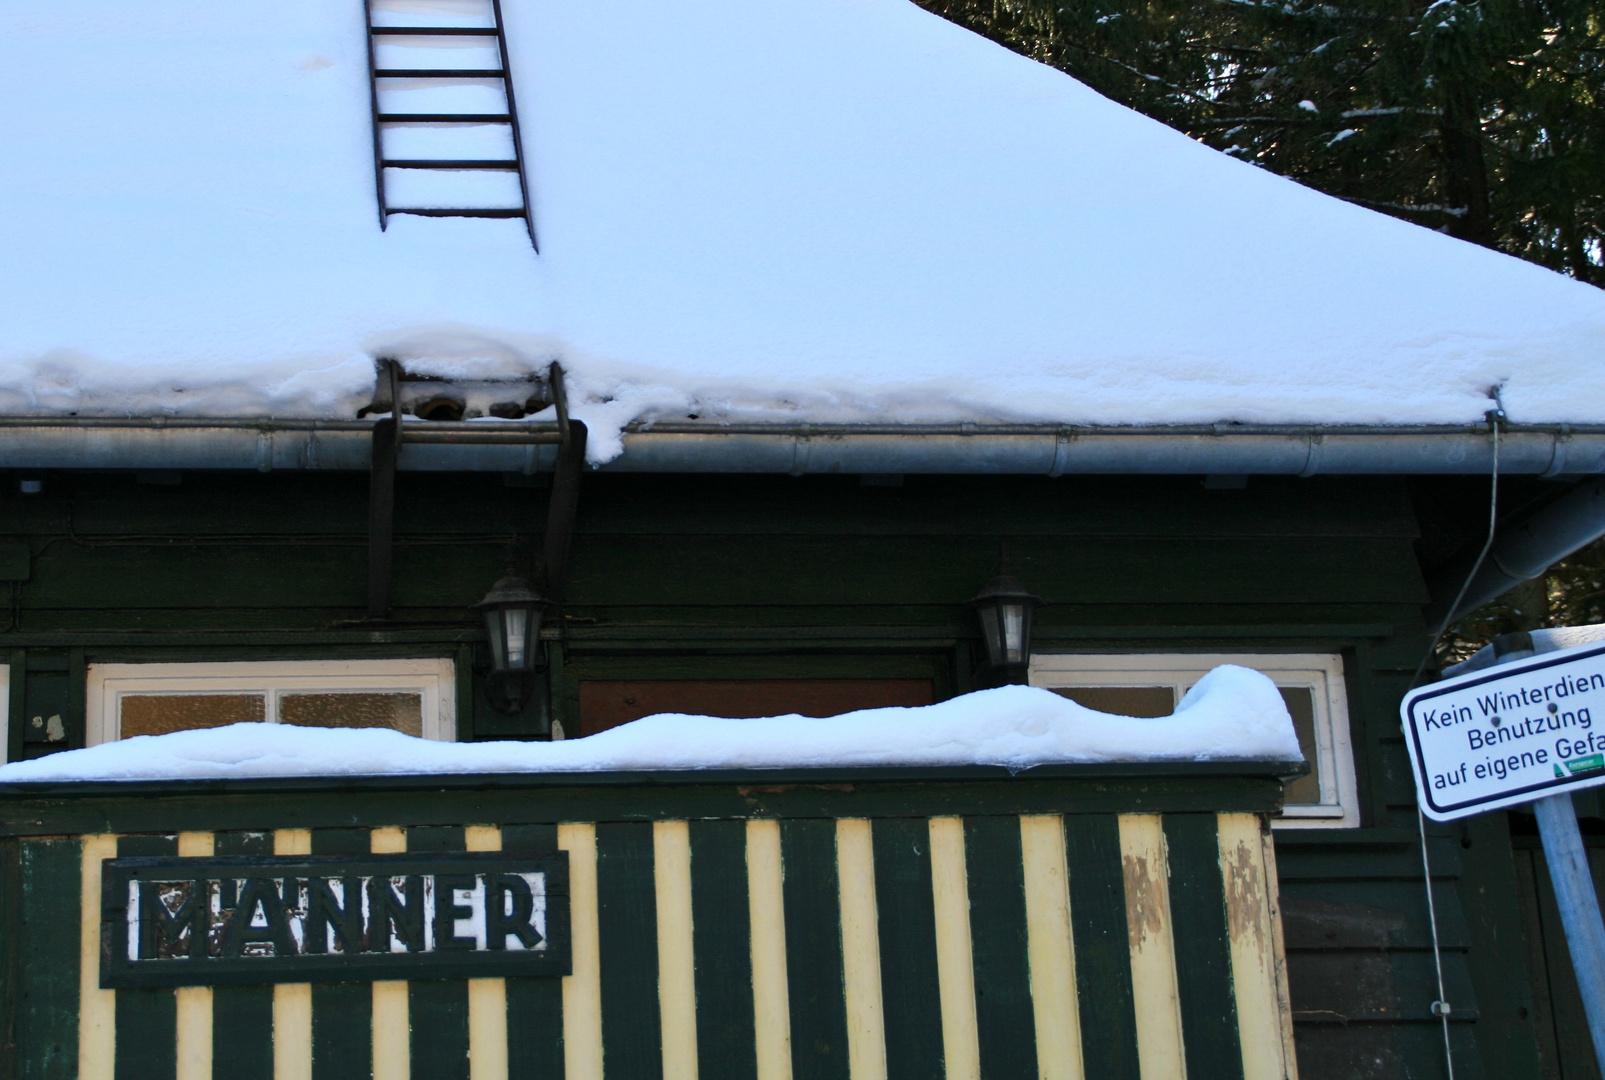 Wenn Männer müssen, müssen sie aufs Dach...